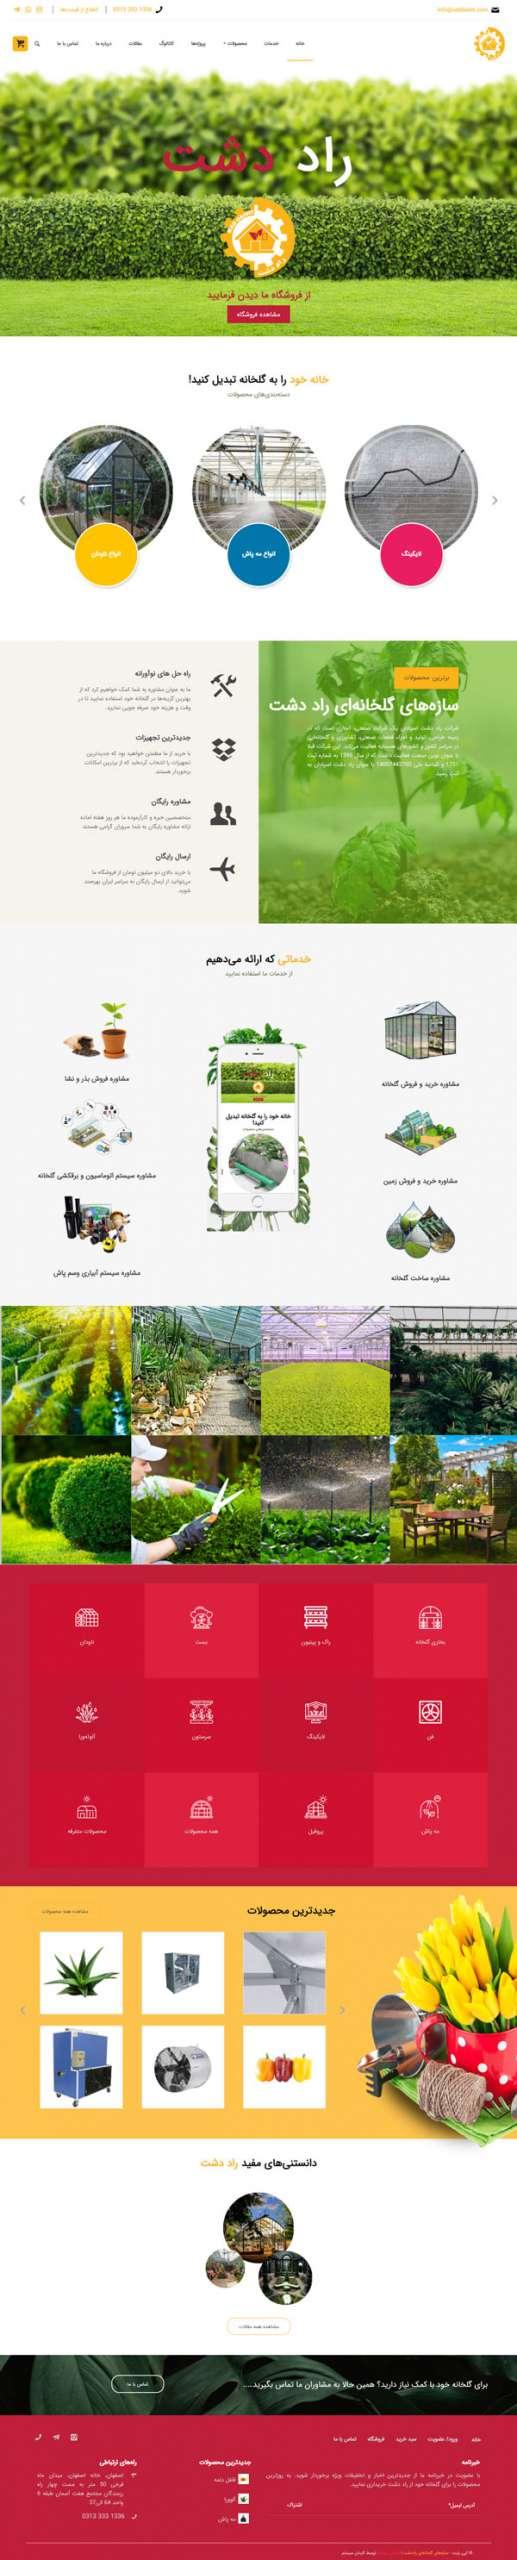 طراحی سایت راددشت   سازههای گلخانهای